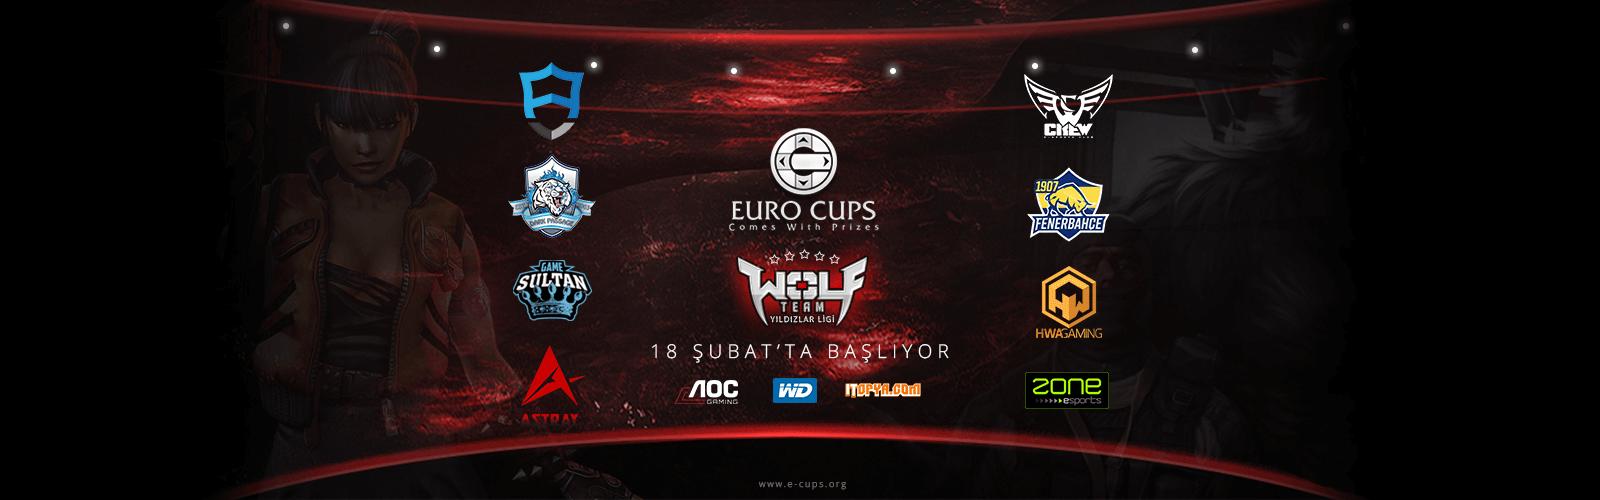 Euro Cups Wolfteam Yıldızlar Ligi 18 Şubat'ta başlıyor!